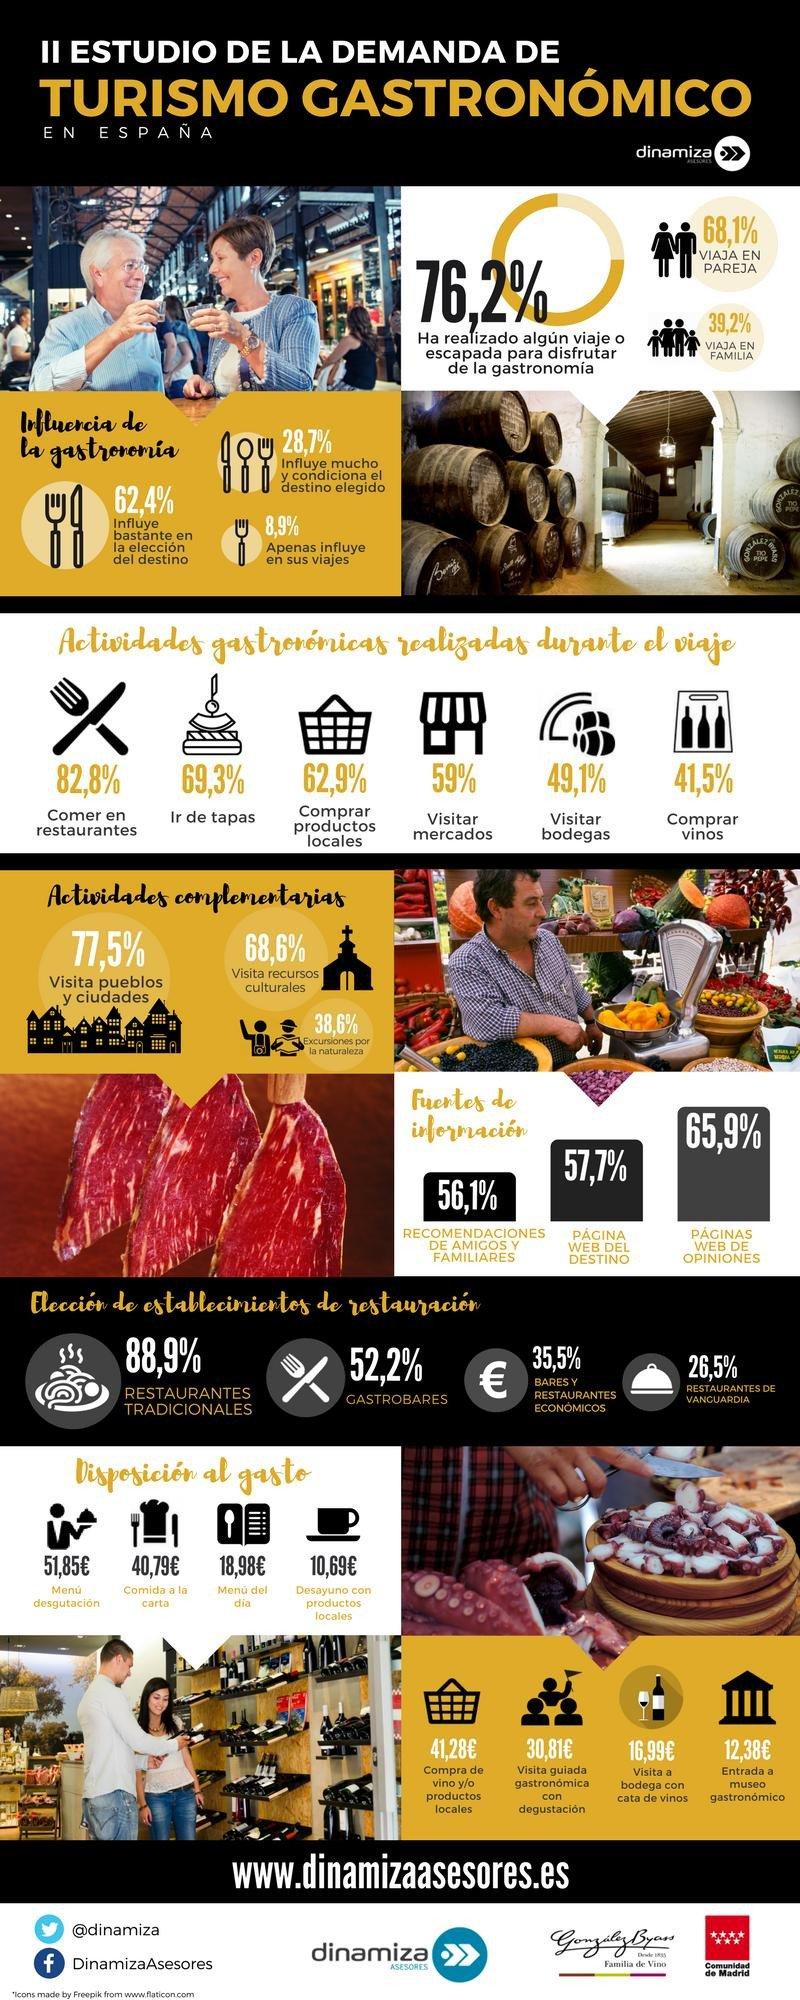 Los destinos favoritos de los españoles cuando se trata de comer bien